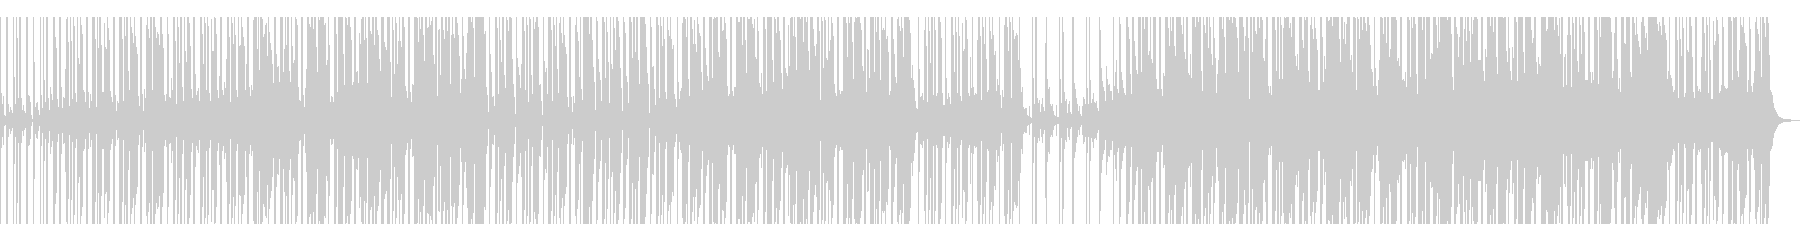 【短いVer5】スローファンクロックの未再生の波形